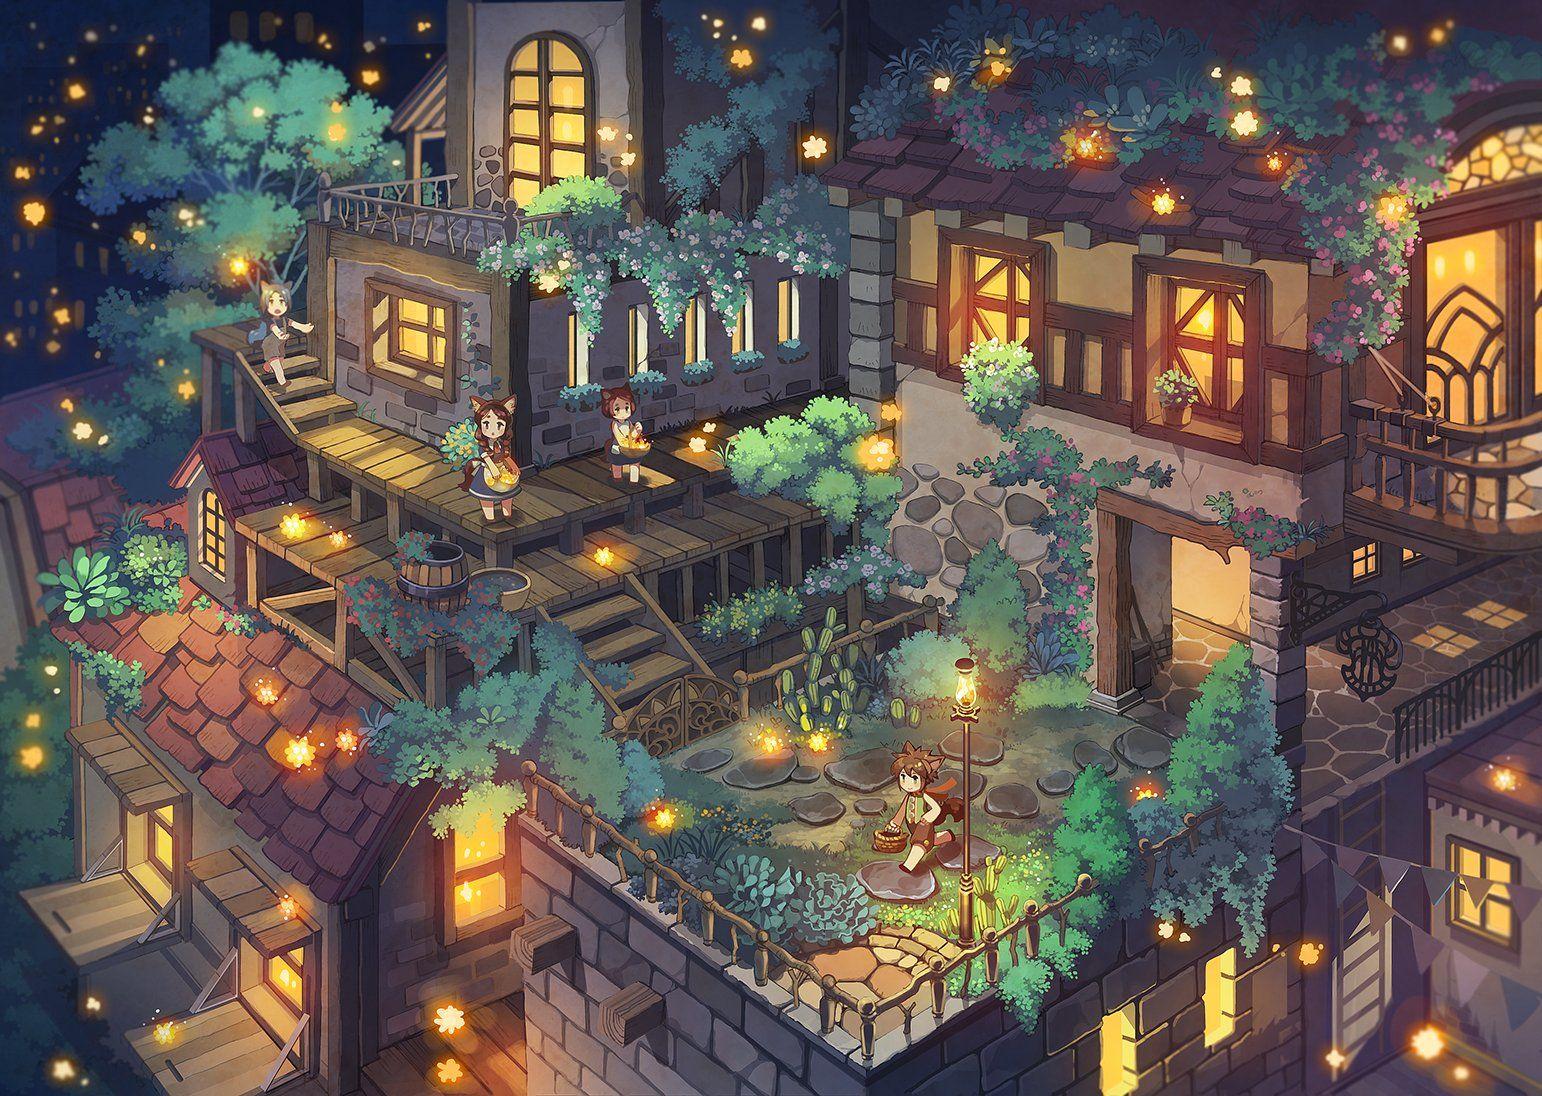 43ふじ On Anime Scenery Fantasy Landscape Environment Concept Art